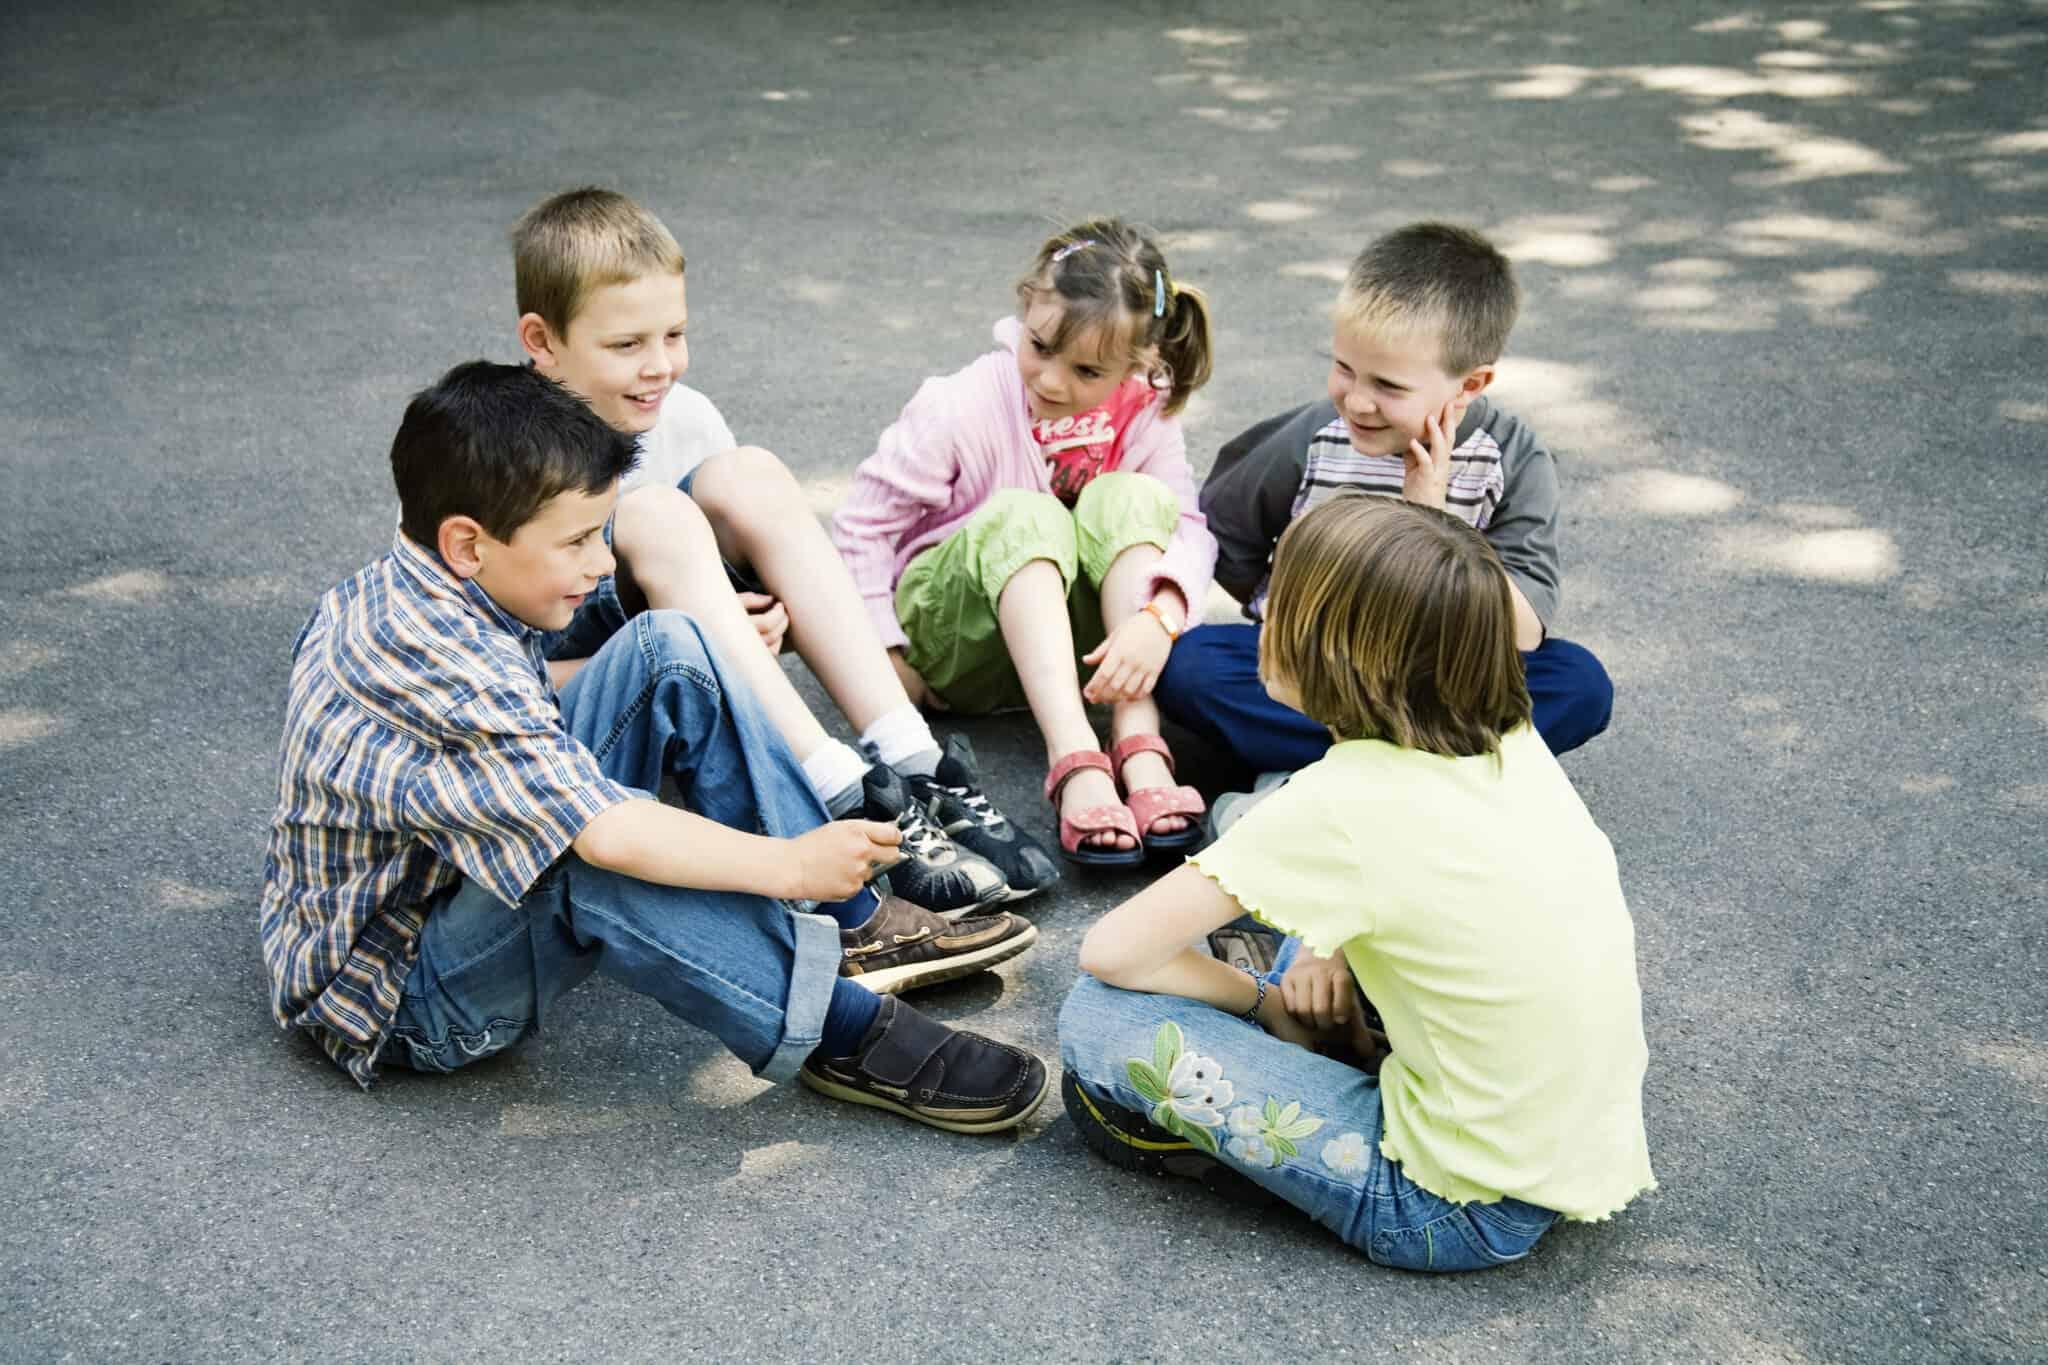 детей картинка вокруг стоят фотообои